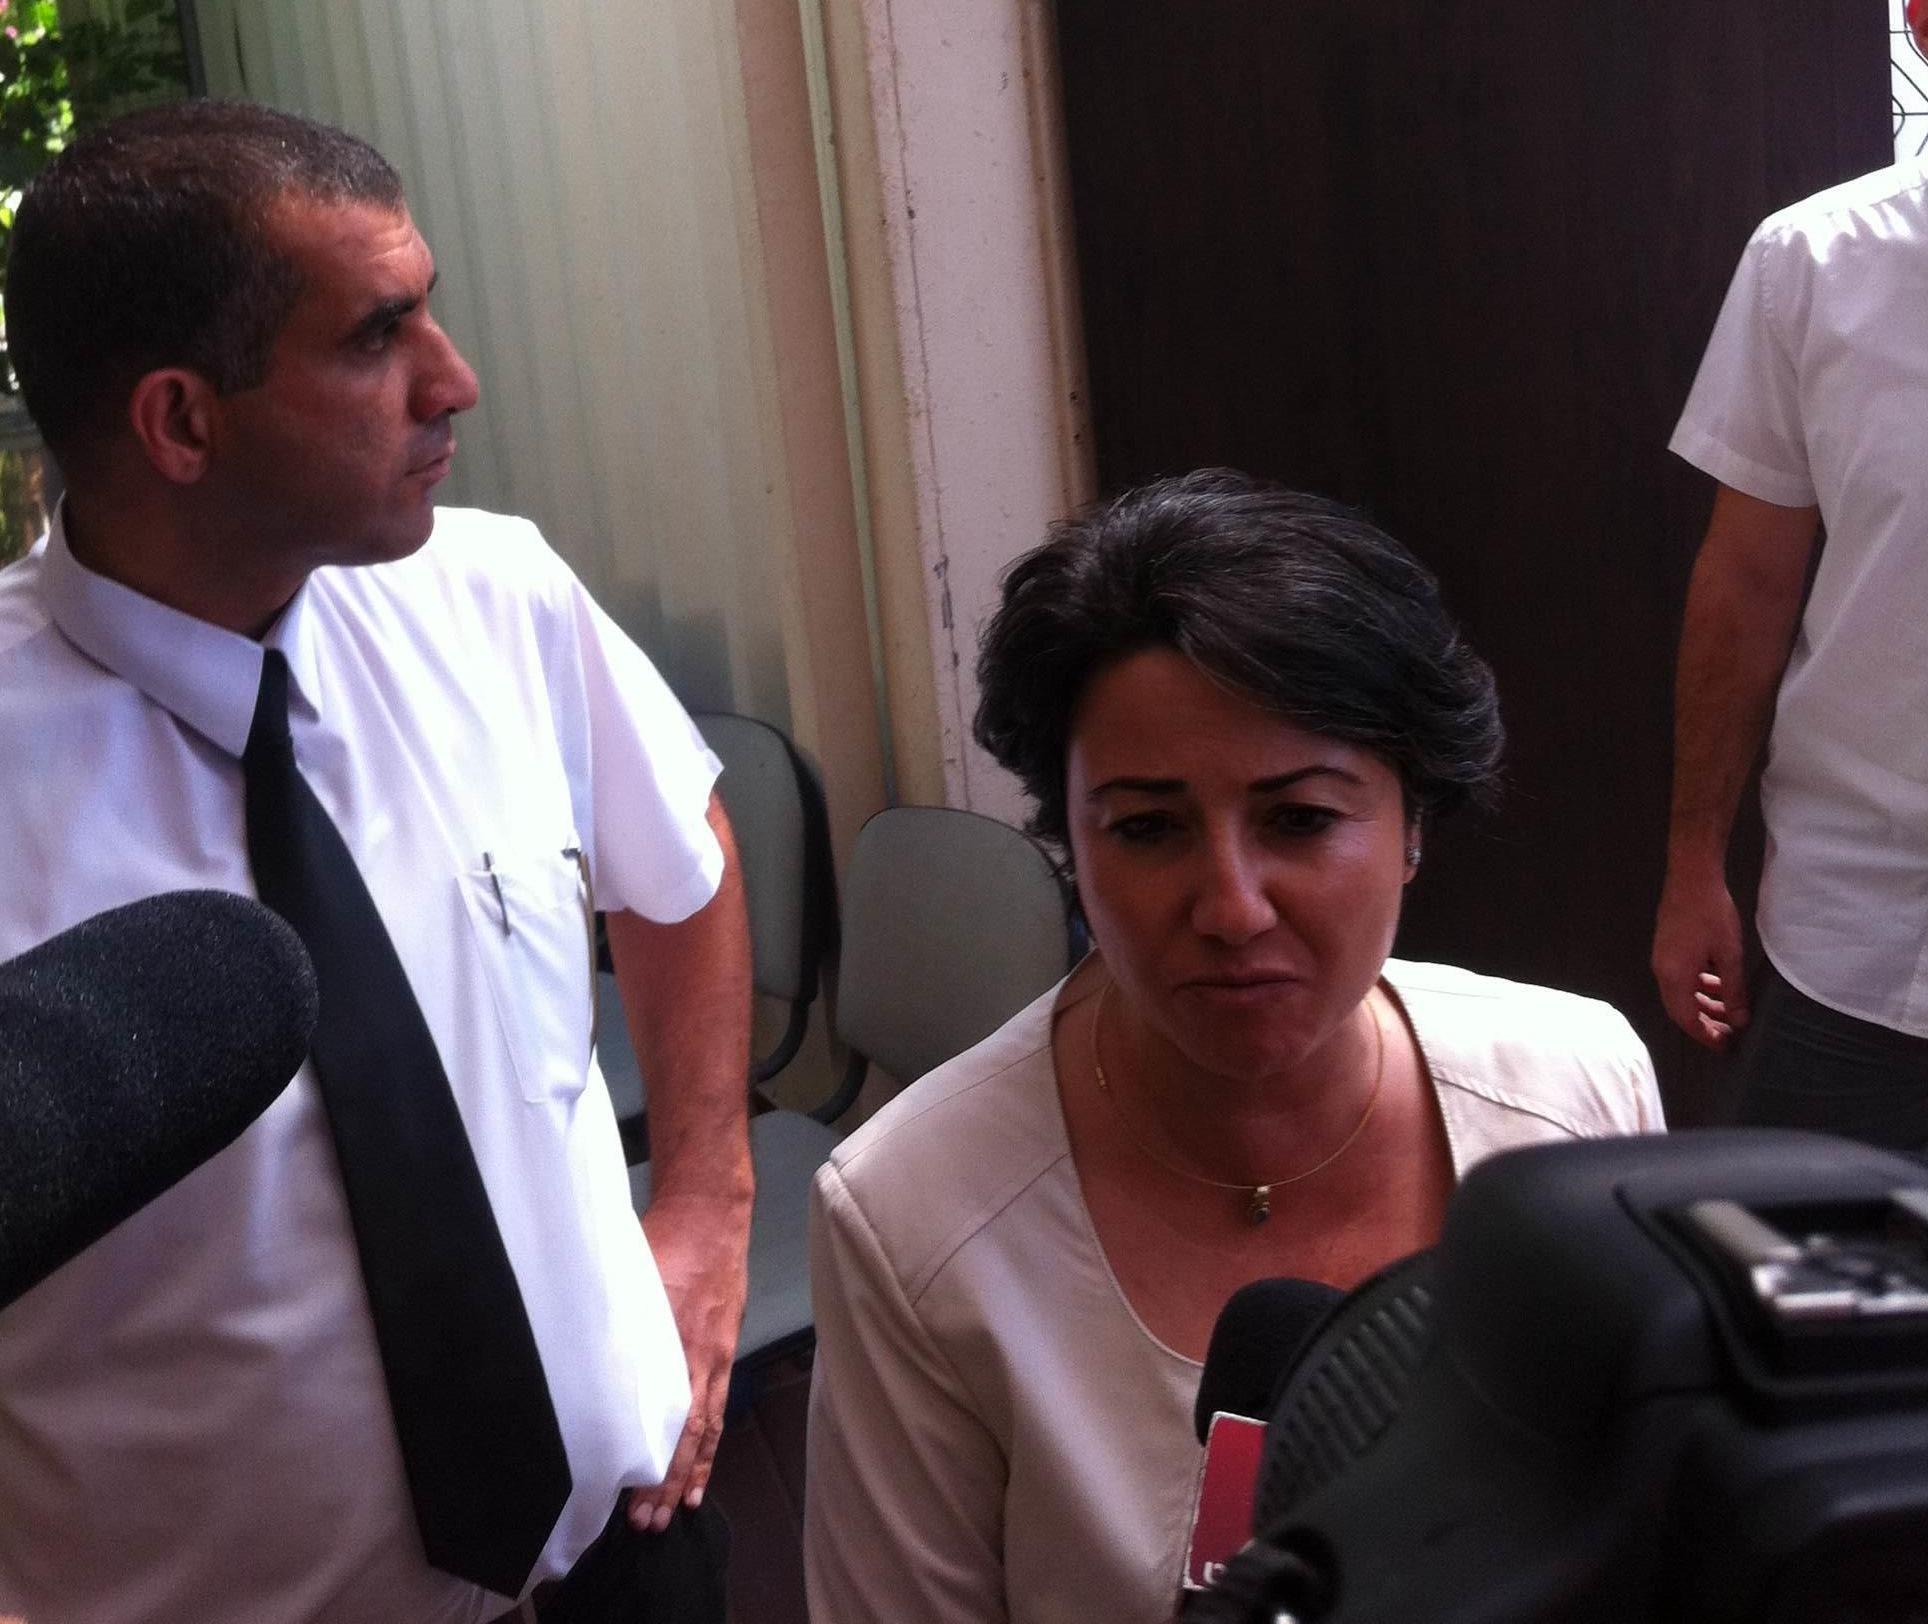 النائبة زعبي: التحقيق جزء من الملاحقة السياسية والتحريض على العرب